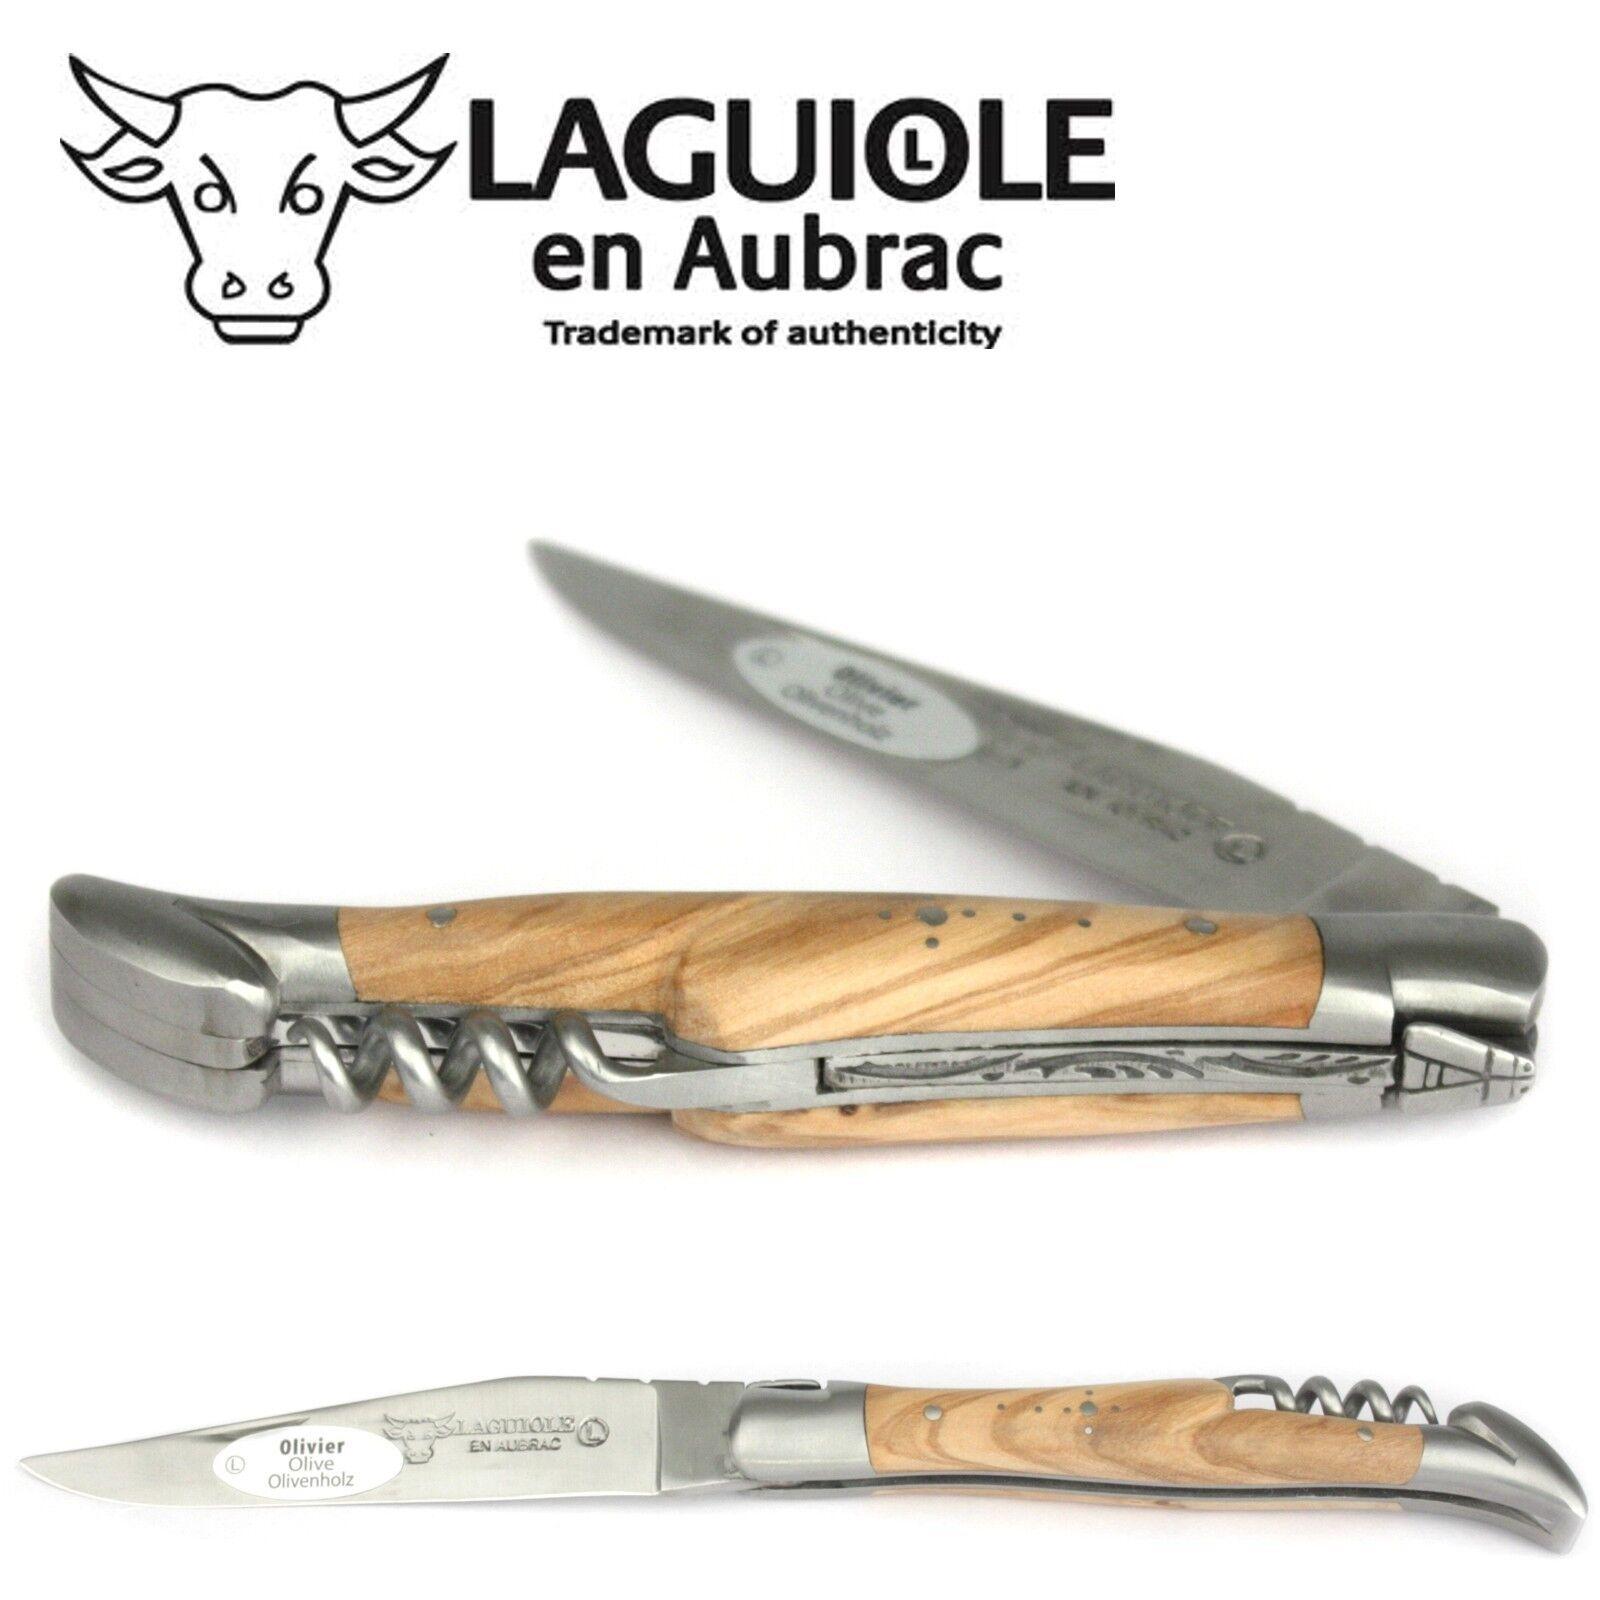 Laguiole en Korkenzieher Aubrac Taschenmesser L0311OLIS 11 cm Olivenholz Korkenzieher en Messer 8e98eb